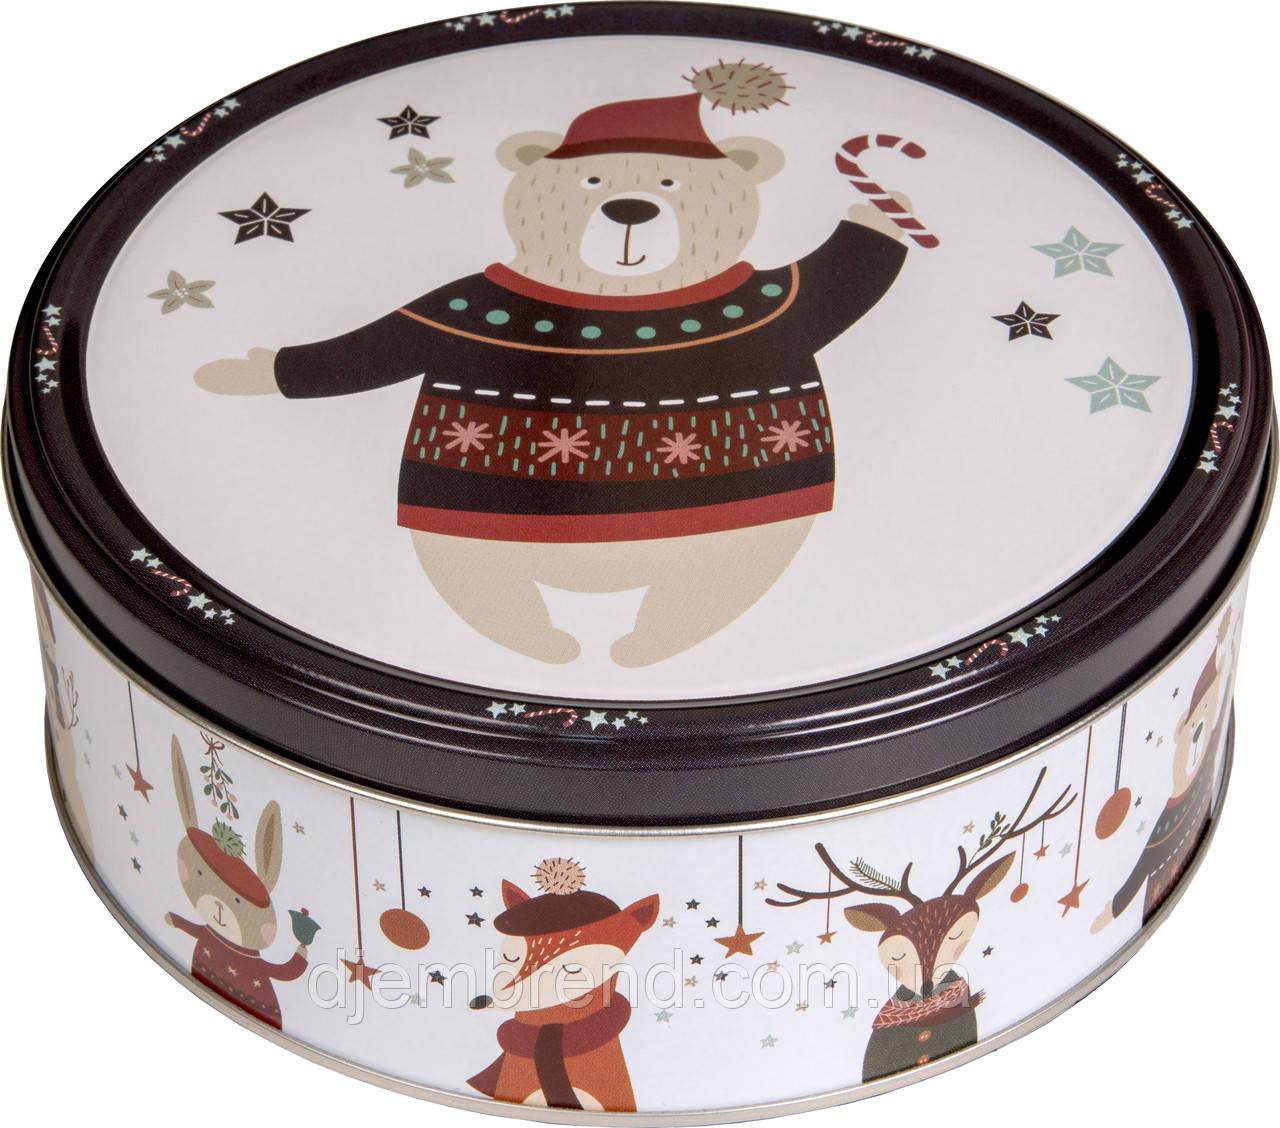 Песочное печенье Winter Woodland Jacobsens Bakery Ltd., 400 г